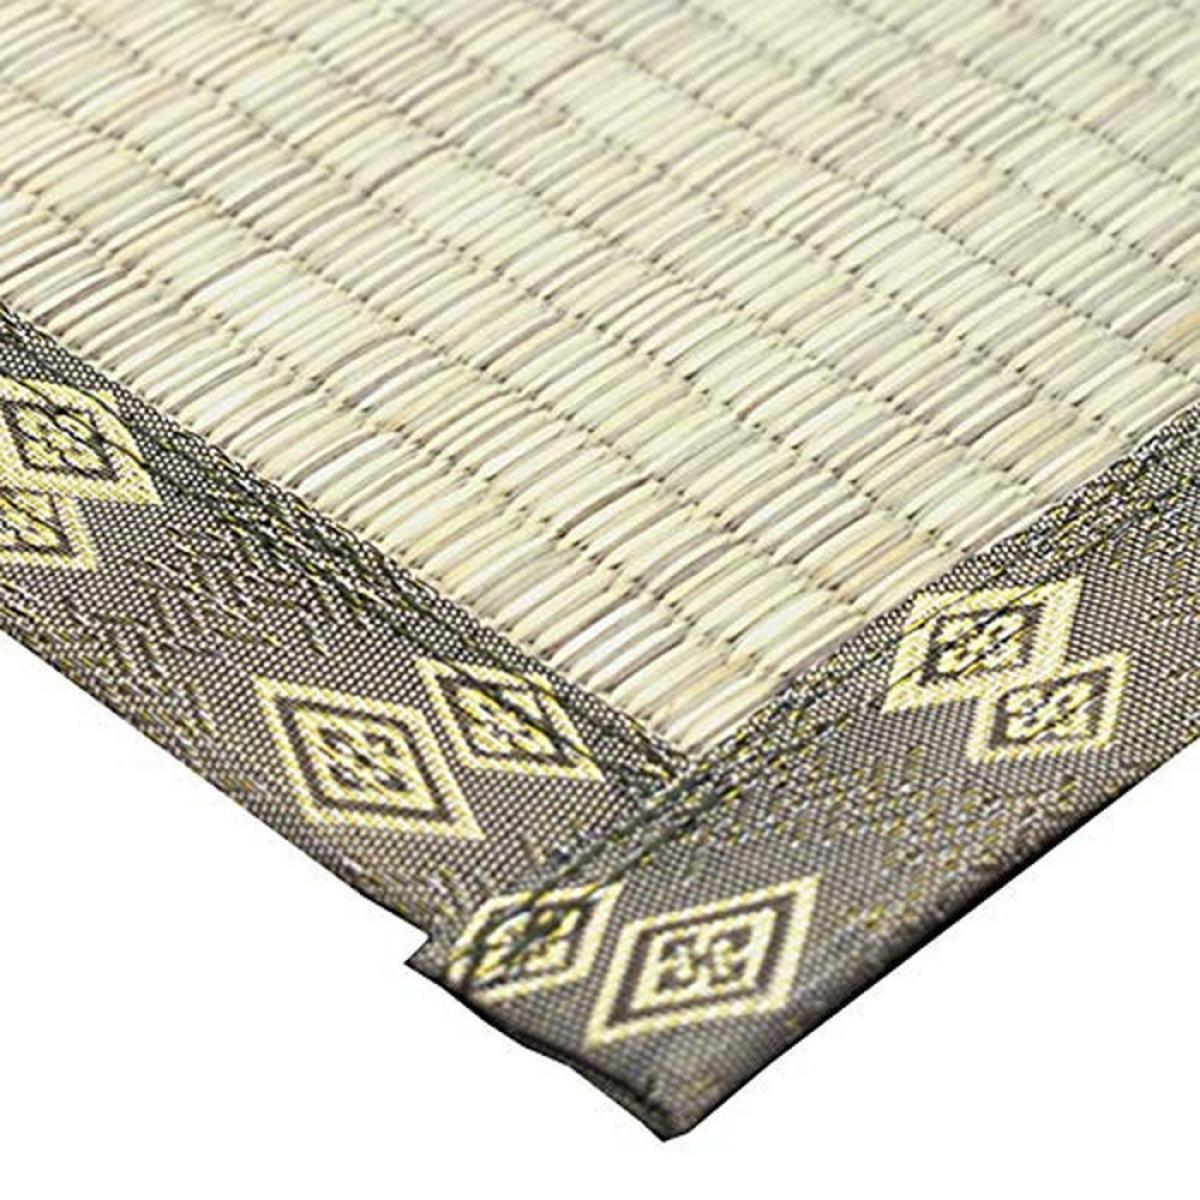 萩原 い草 国産 上敷き カーペット グリーン 江戸間8畳(約352X352cm) 双目織 「千曲川」 148003580